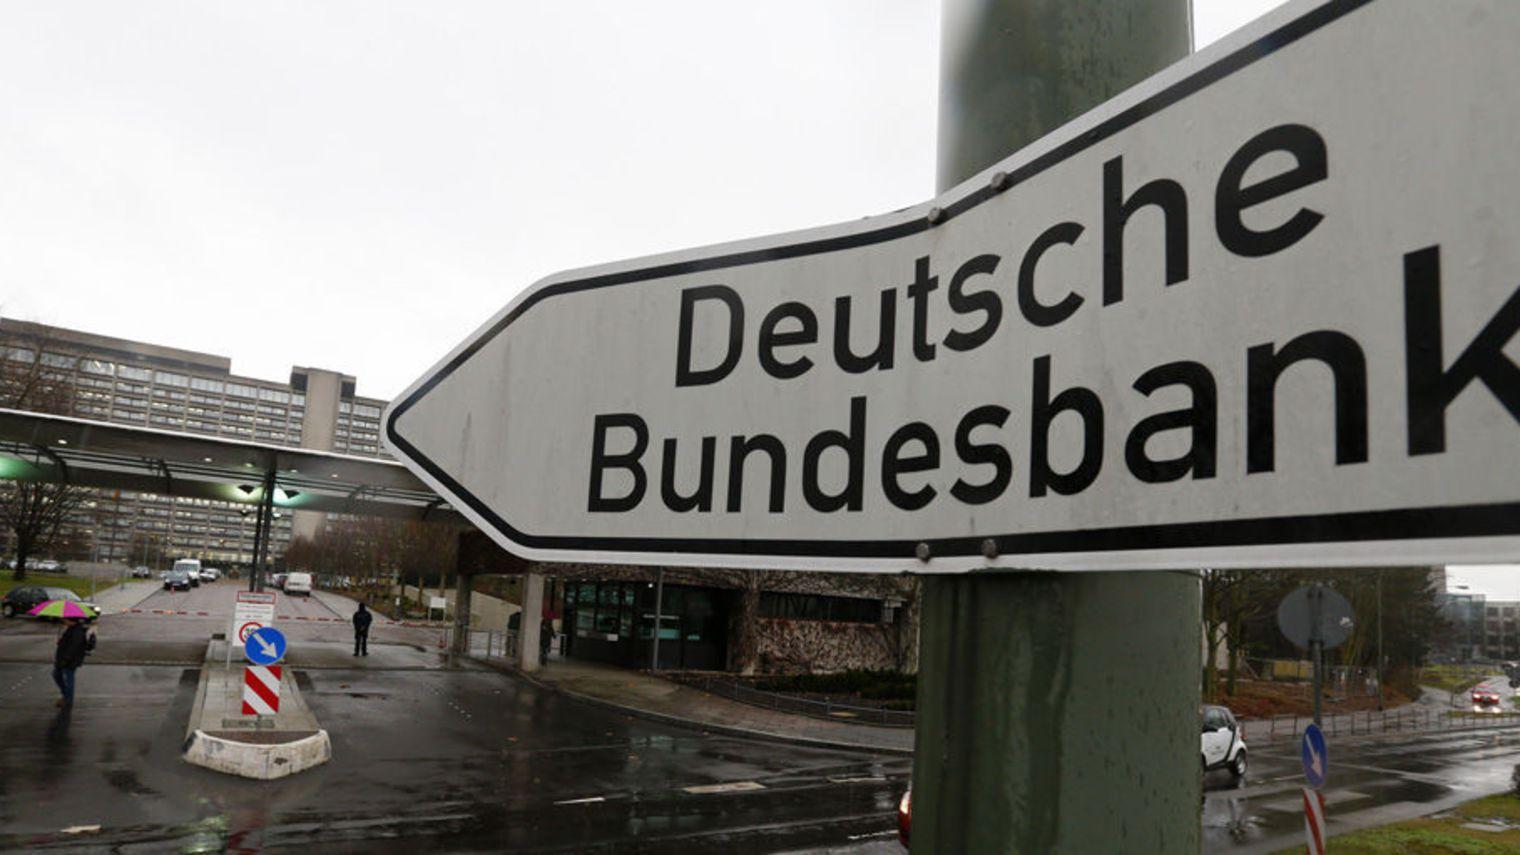 L'Allemagne enregistre un excédent budgétaire record de 24 milliards d'euros